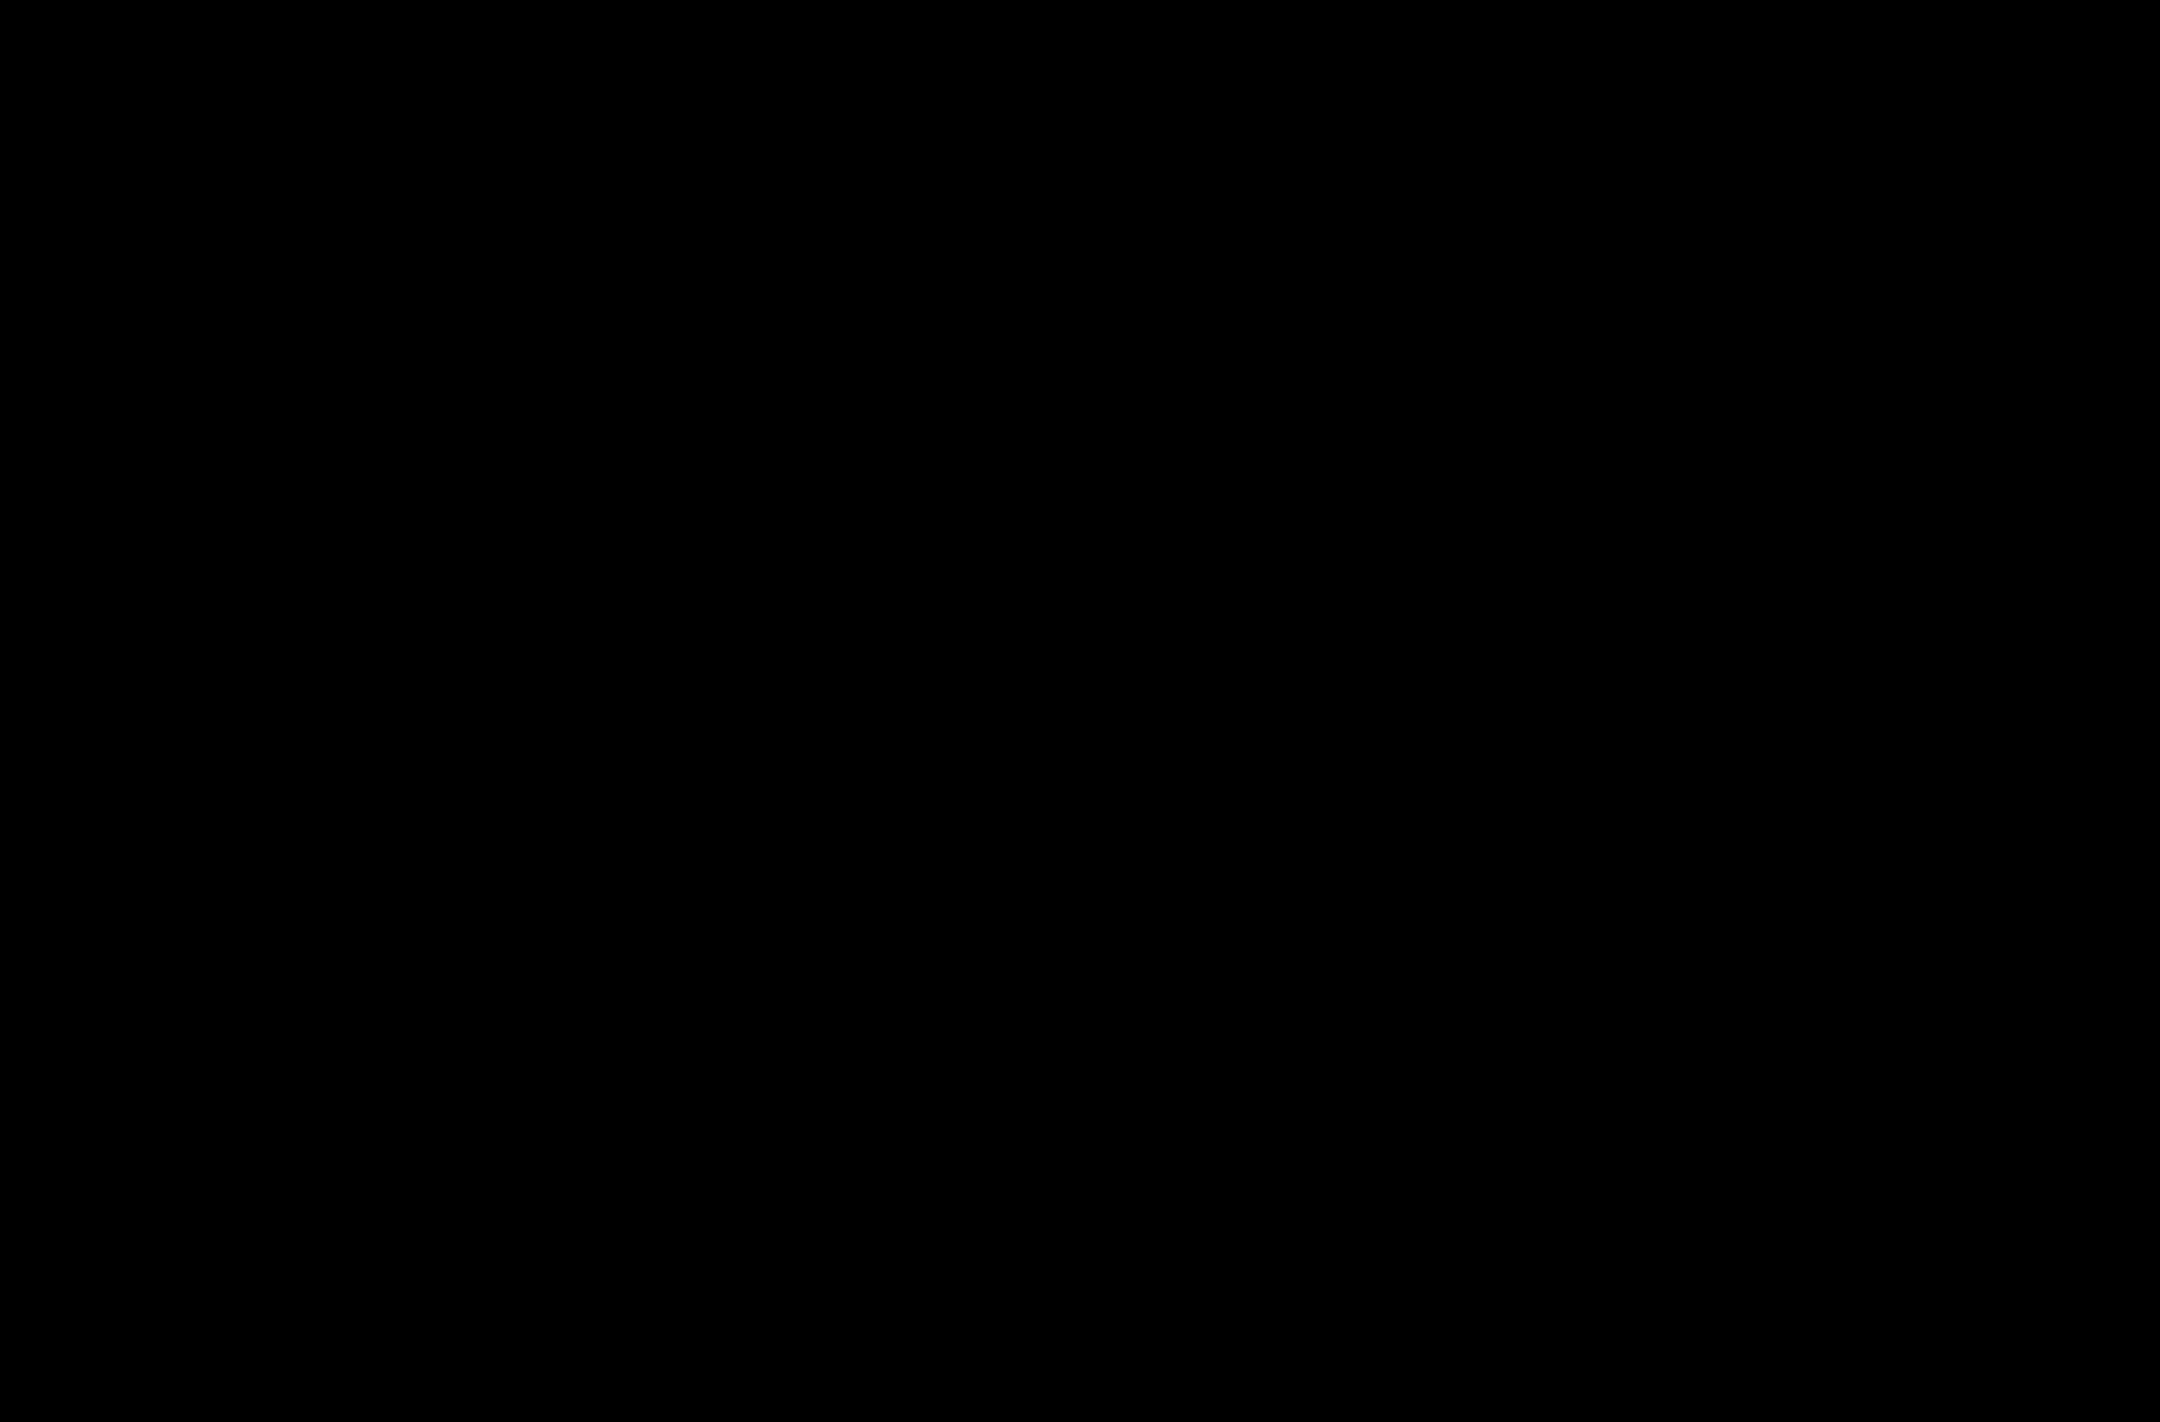 cupra logo 3 - CUPRA Logo